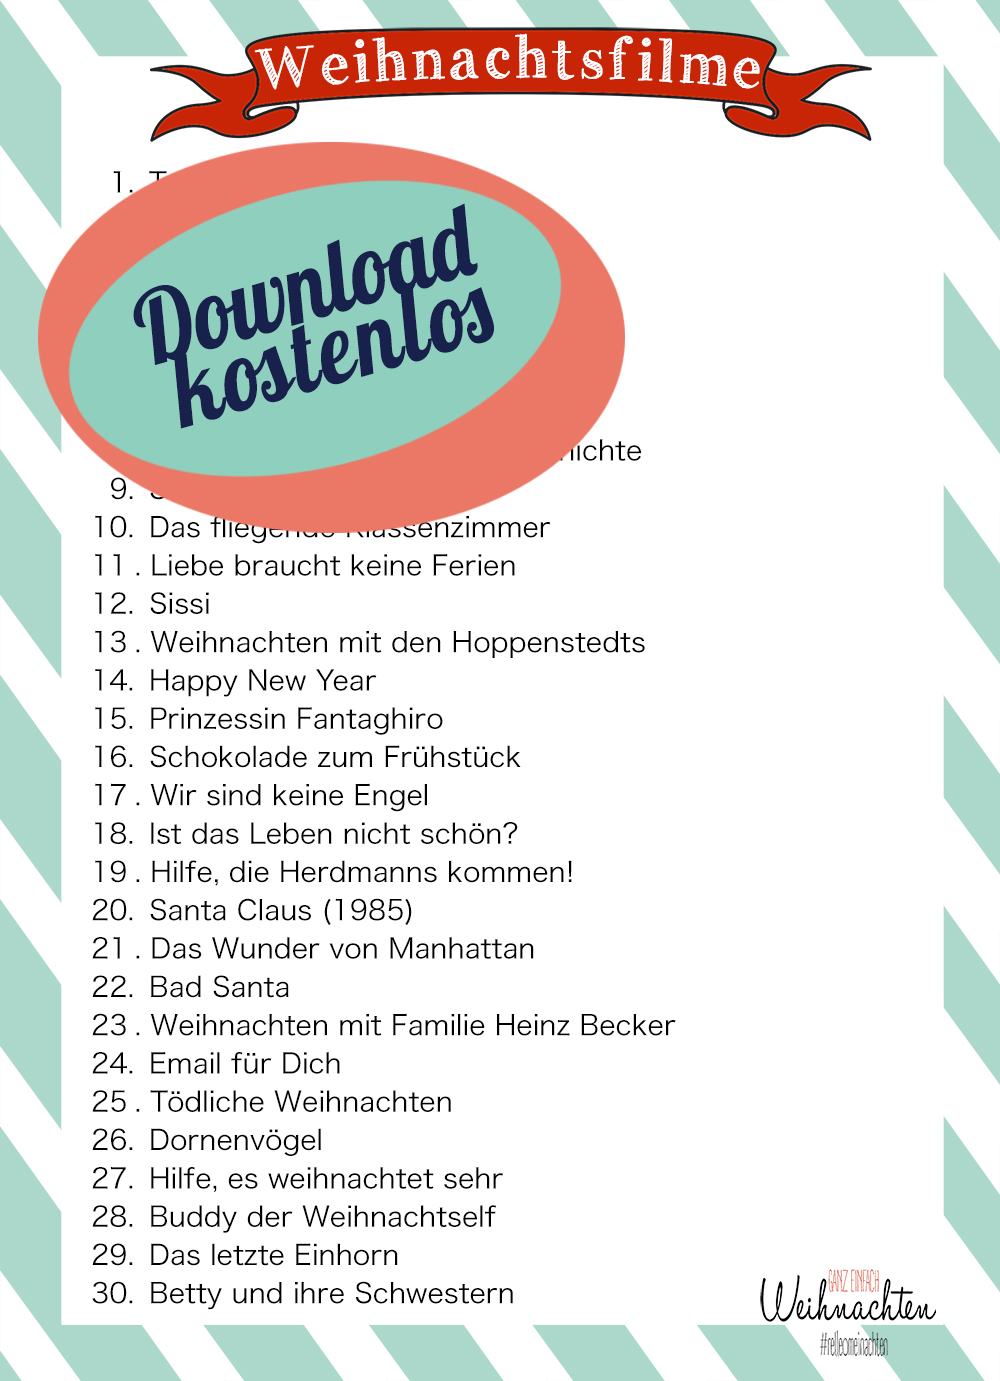 Top 30 Weihnachtsfilme - kostenloser Download Weihnachtsfilmliste | relleomein.de